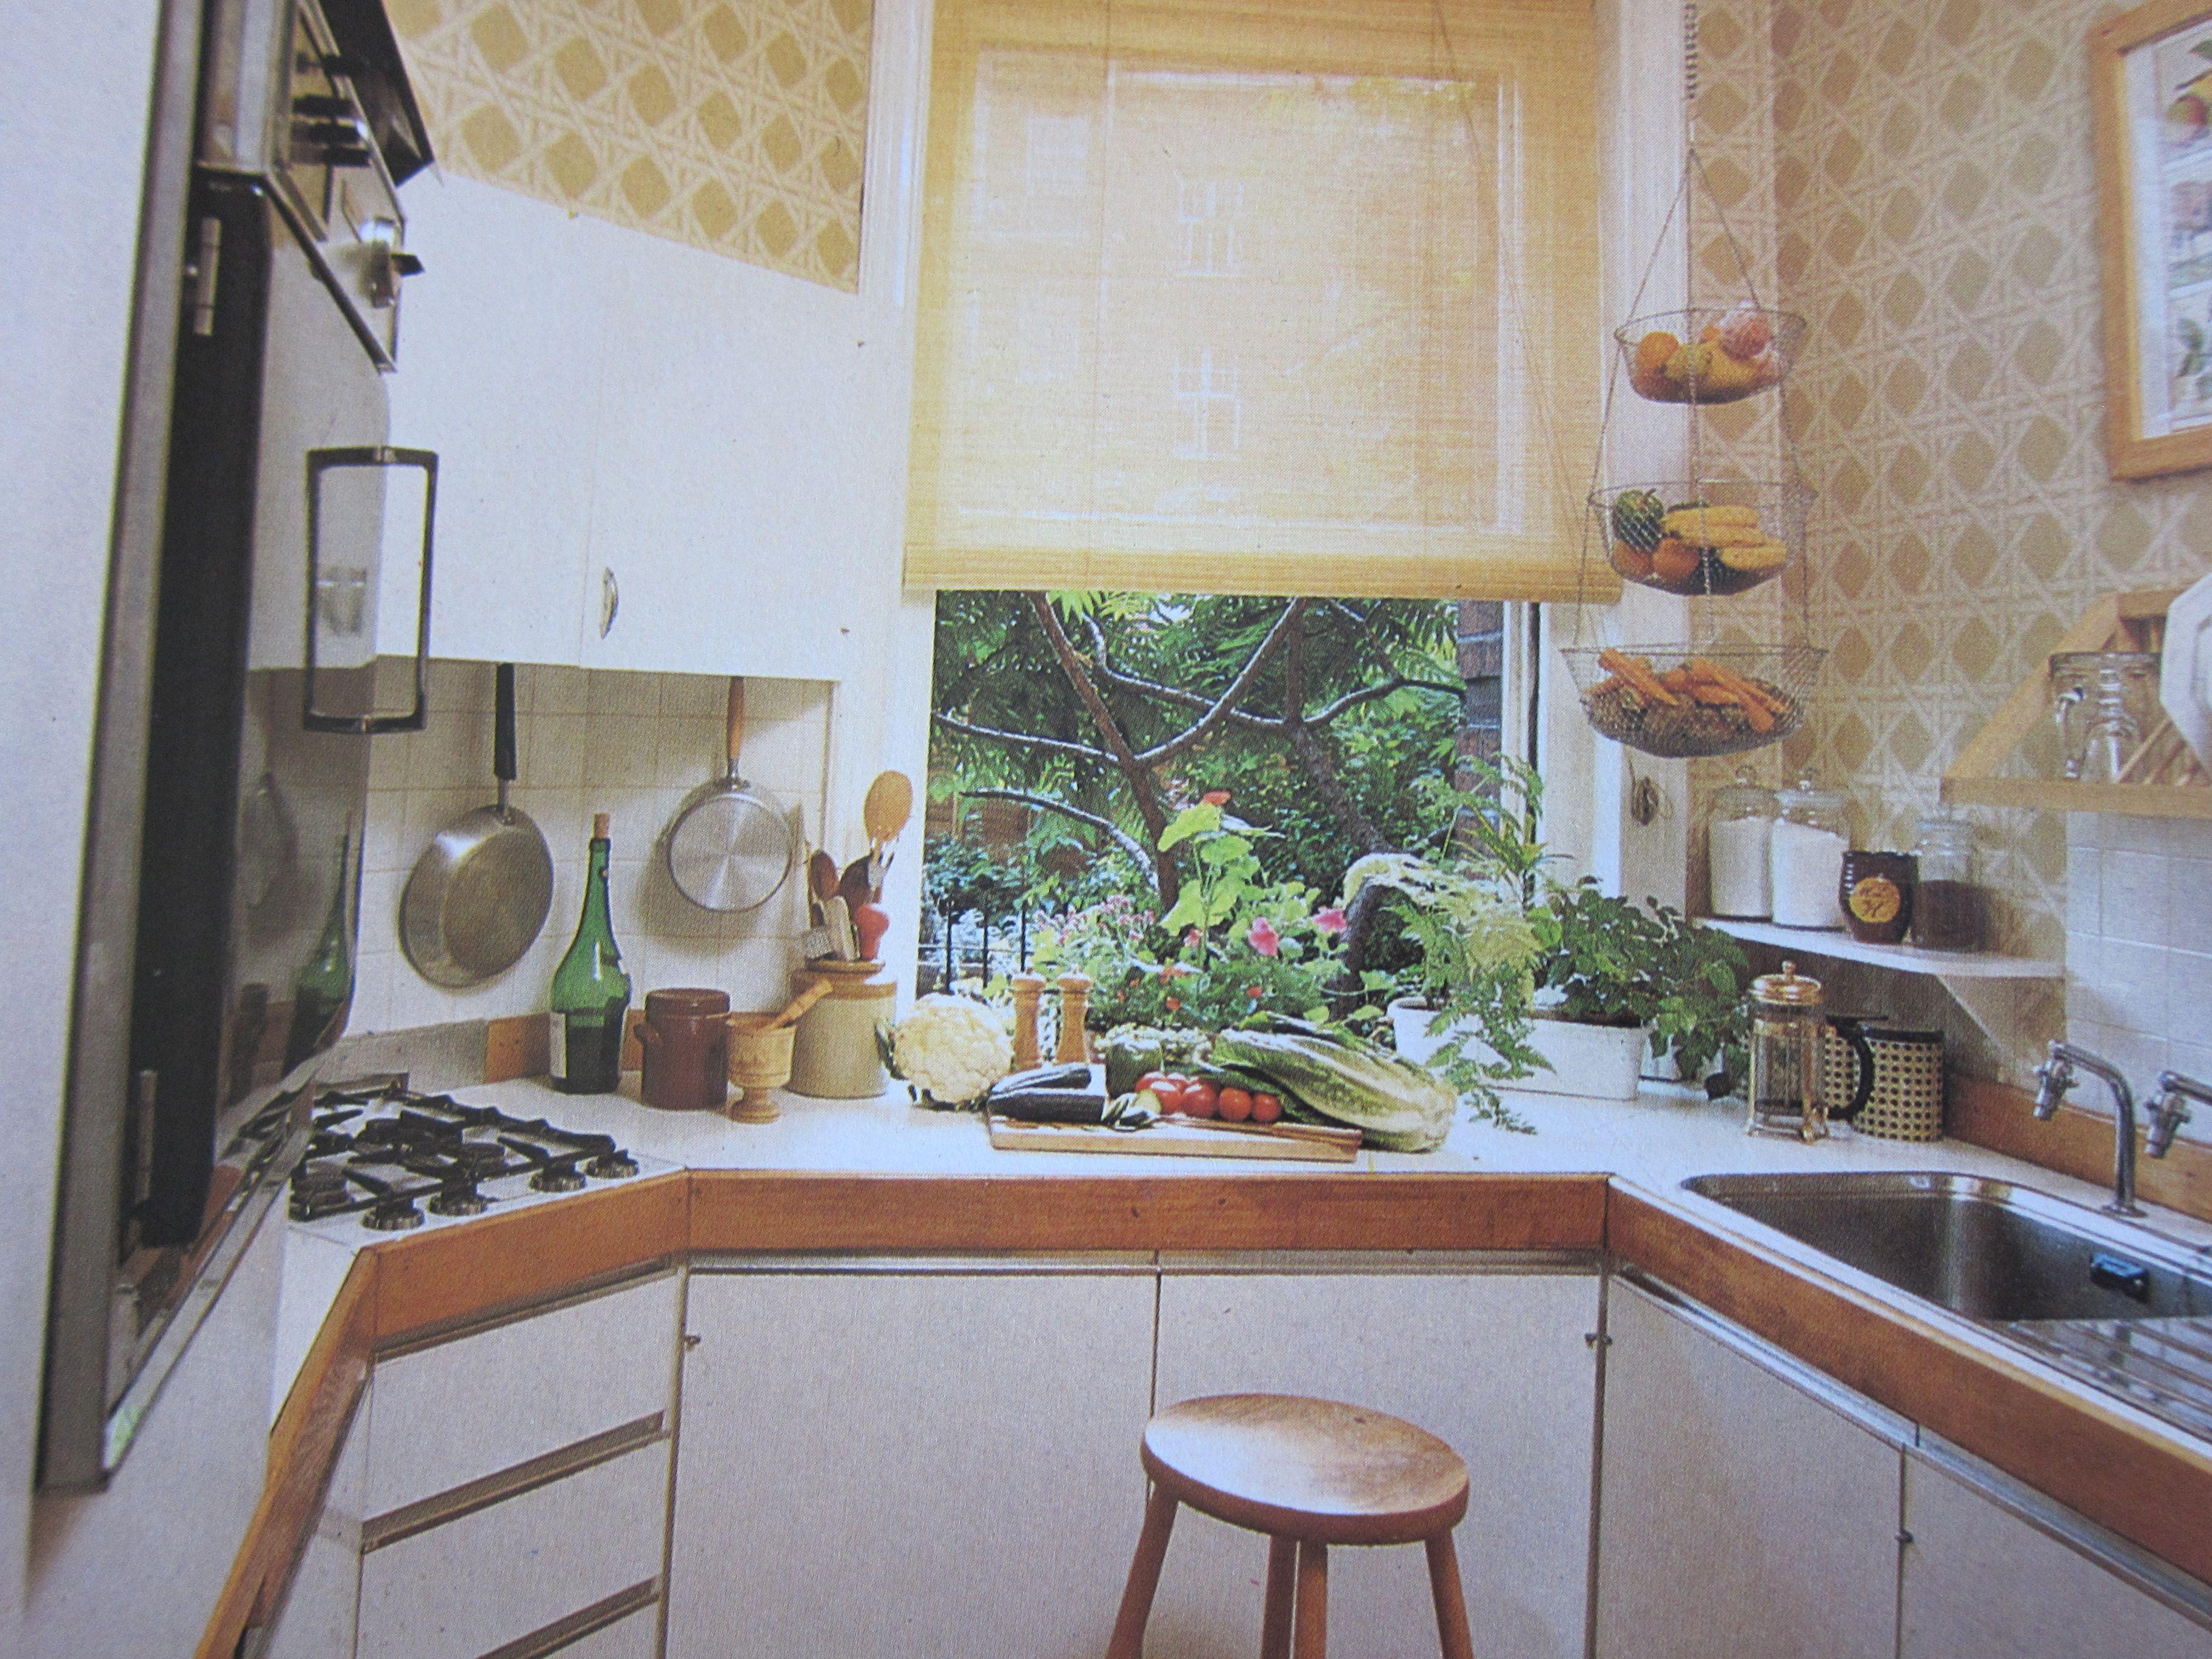 Interior Design Time Warp 2 The 1980s 80s Interior Design Kitchen Interior Kitchen Trends